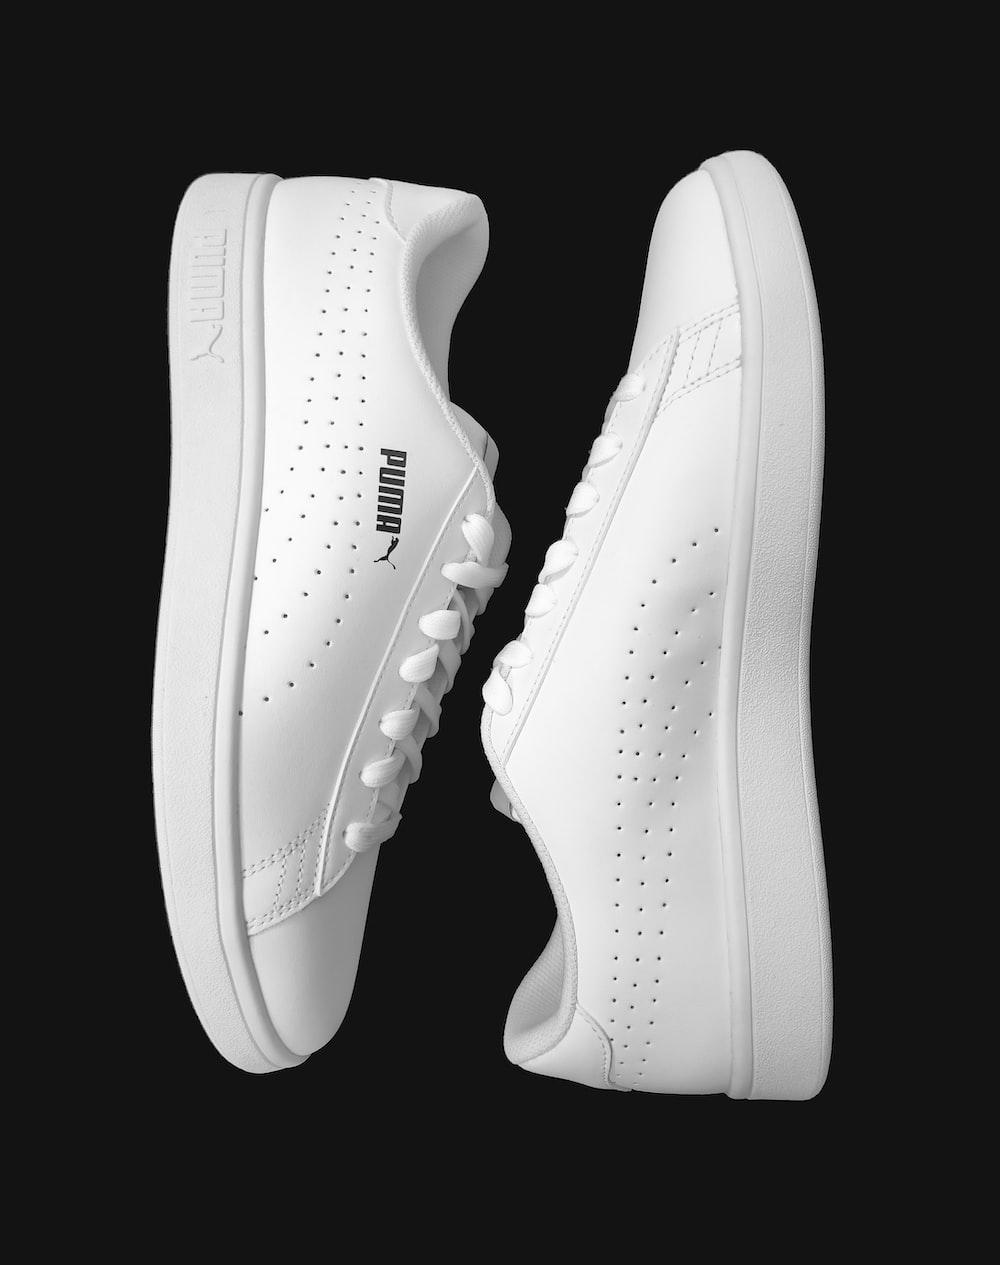 white nike athletic shoes on white background